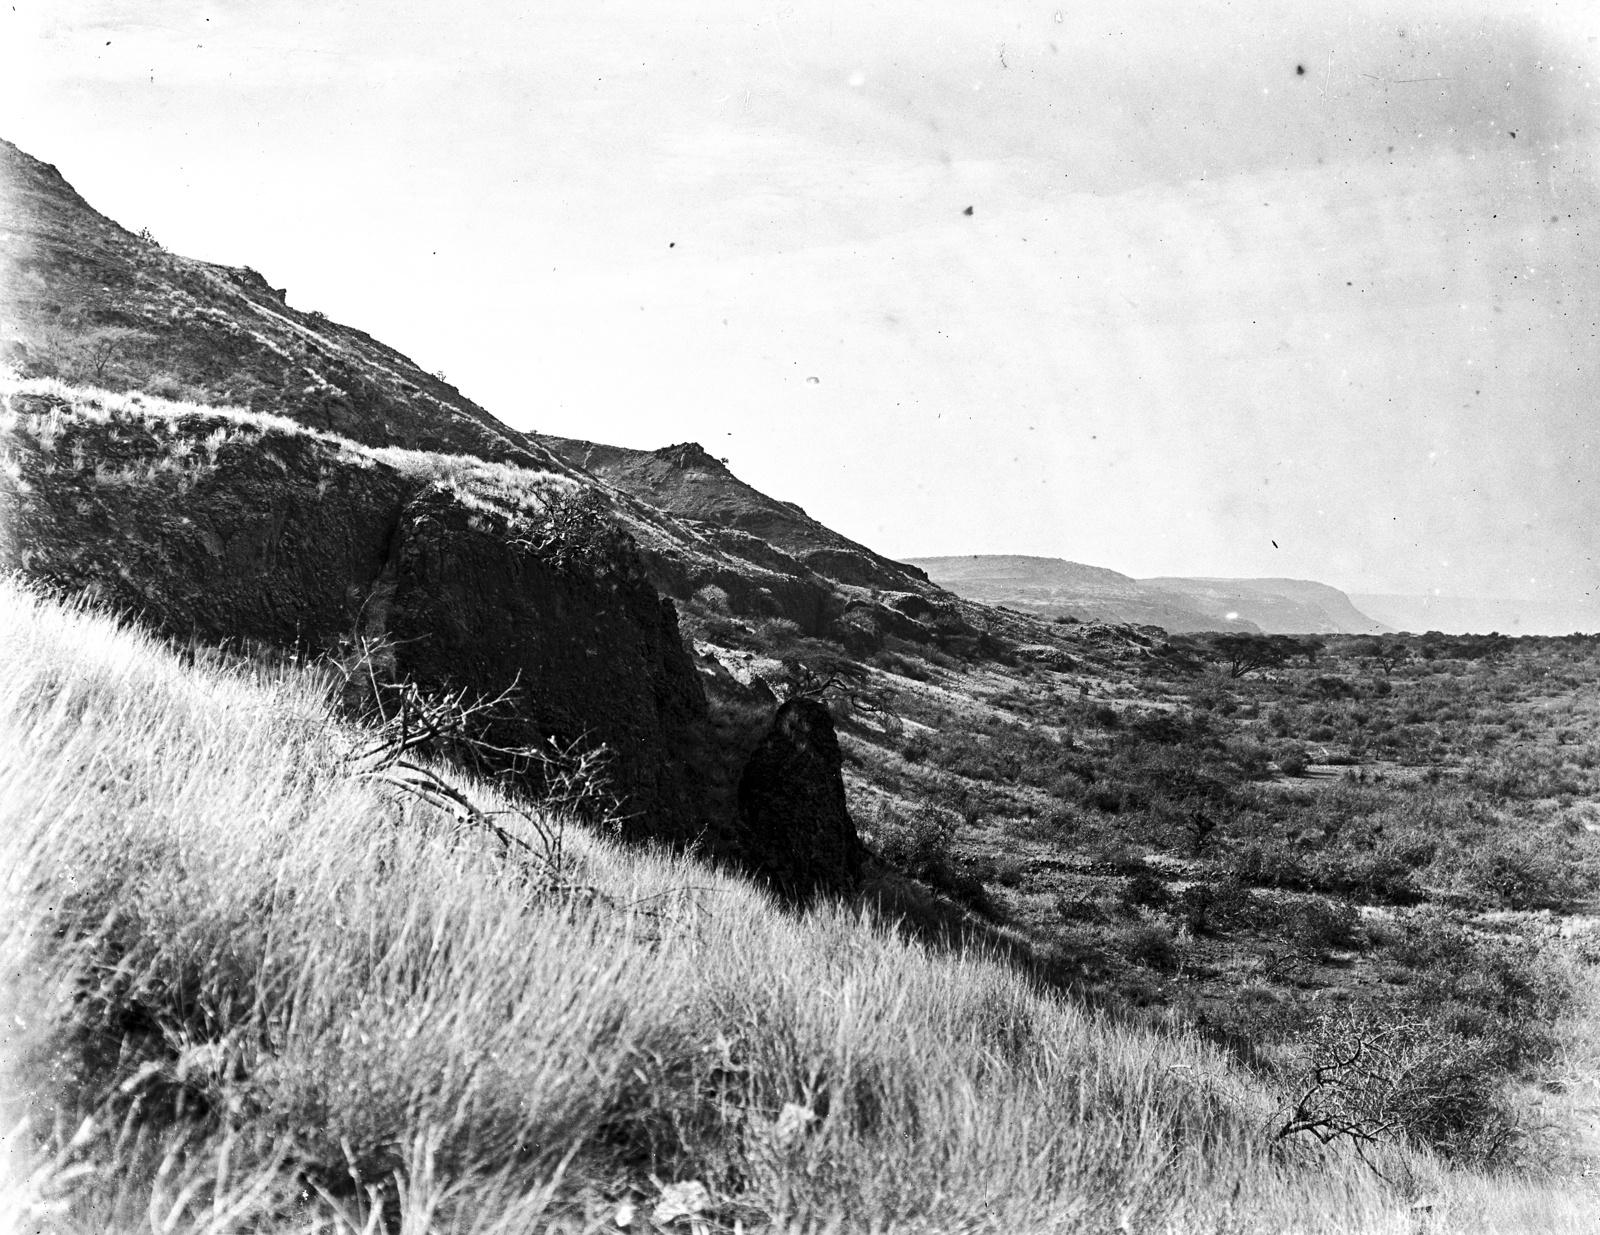 47. Скалистый склон, заросший кустарниками и травами. Вероятно, часть кратера Нгоронгоро